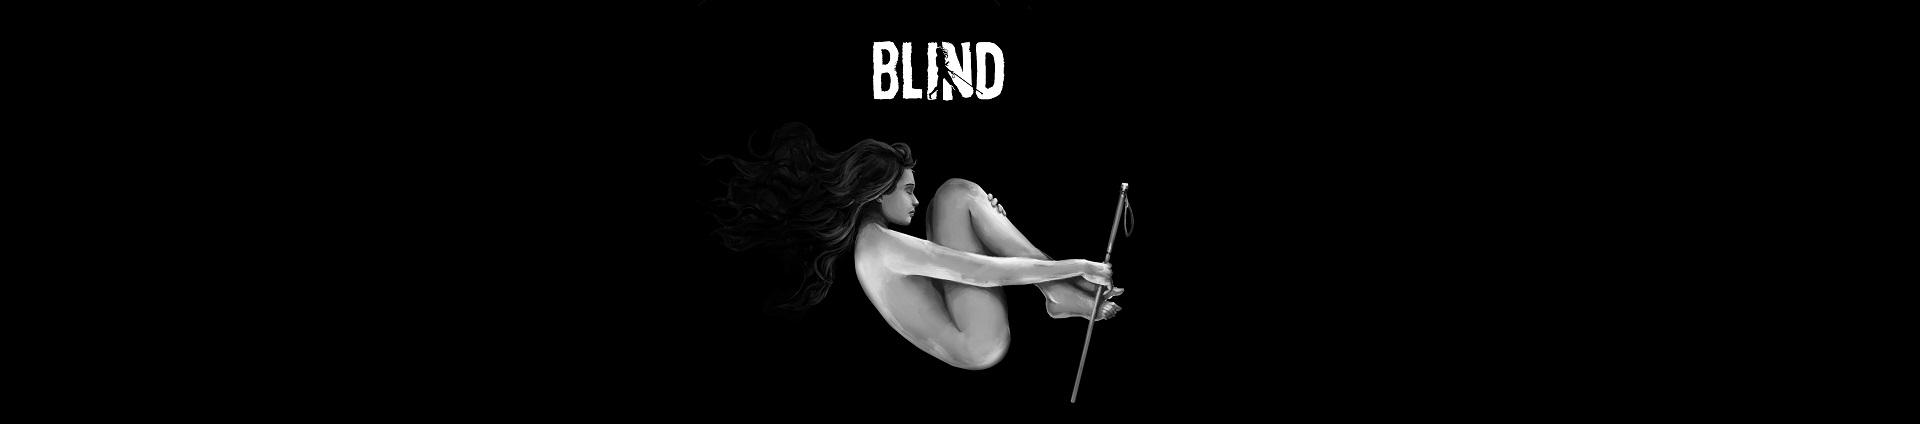 blind vr banner